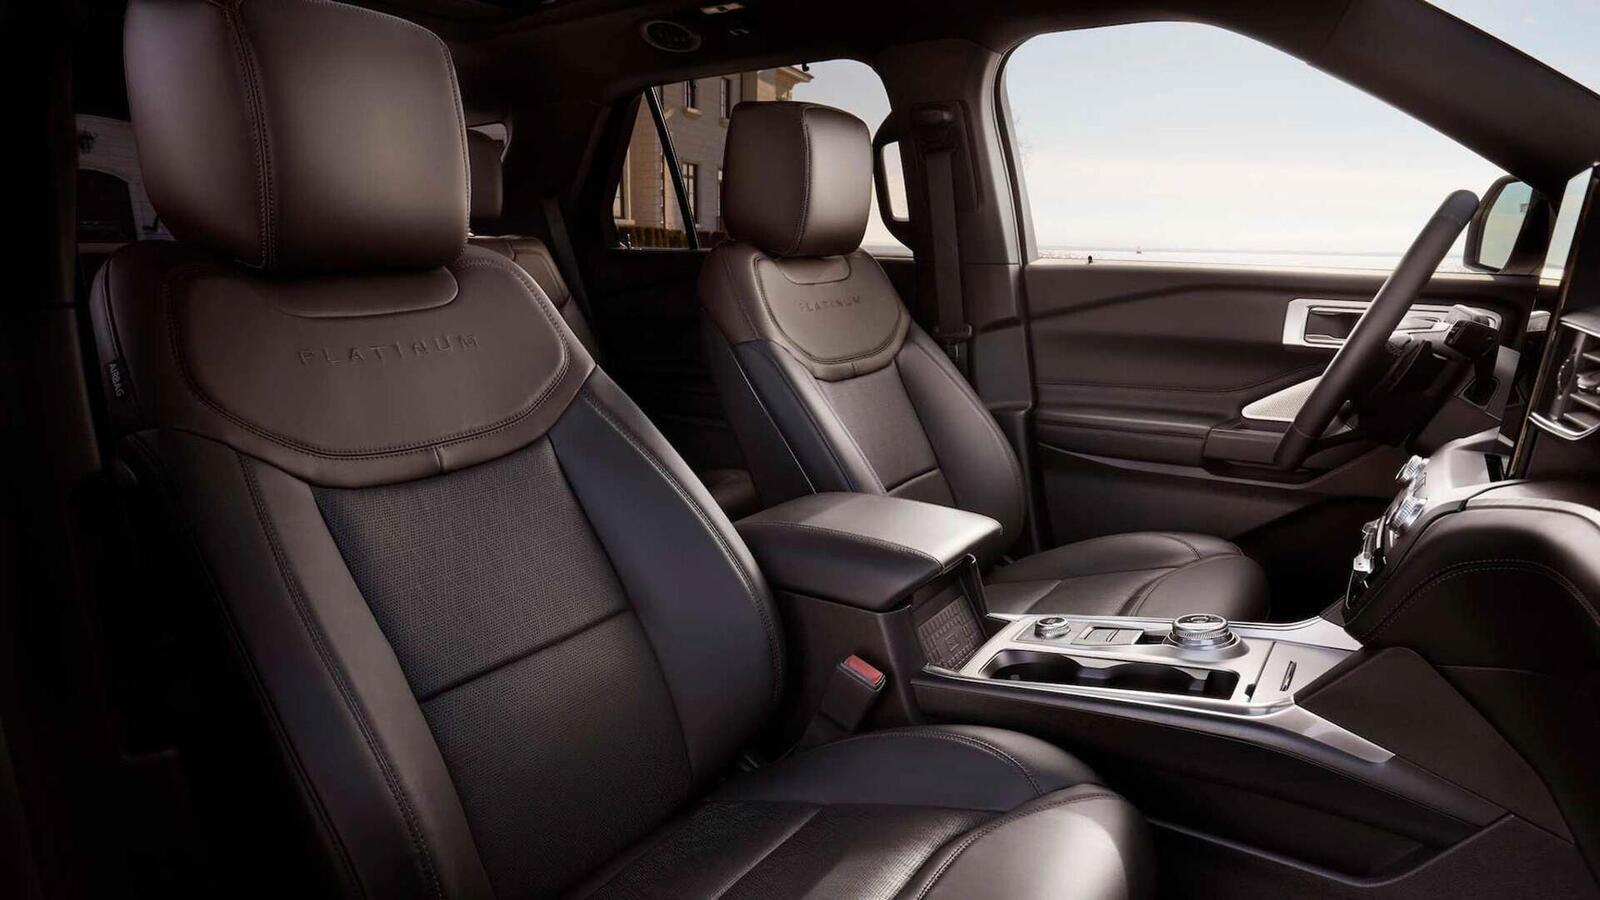 Ford Explorer 2020 thế hệ mới ra mắt; thiết kế mới và cải thiện khả năng vận hành - Hình 5